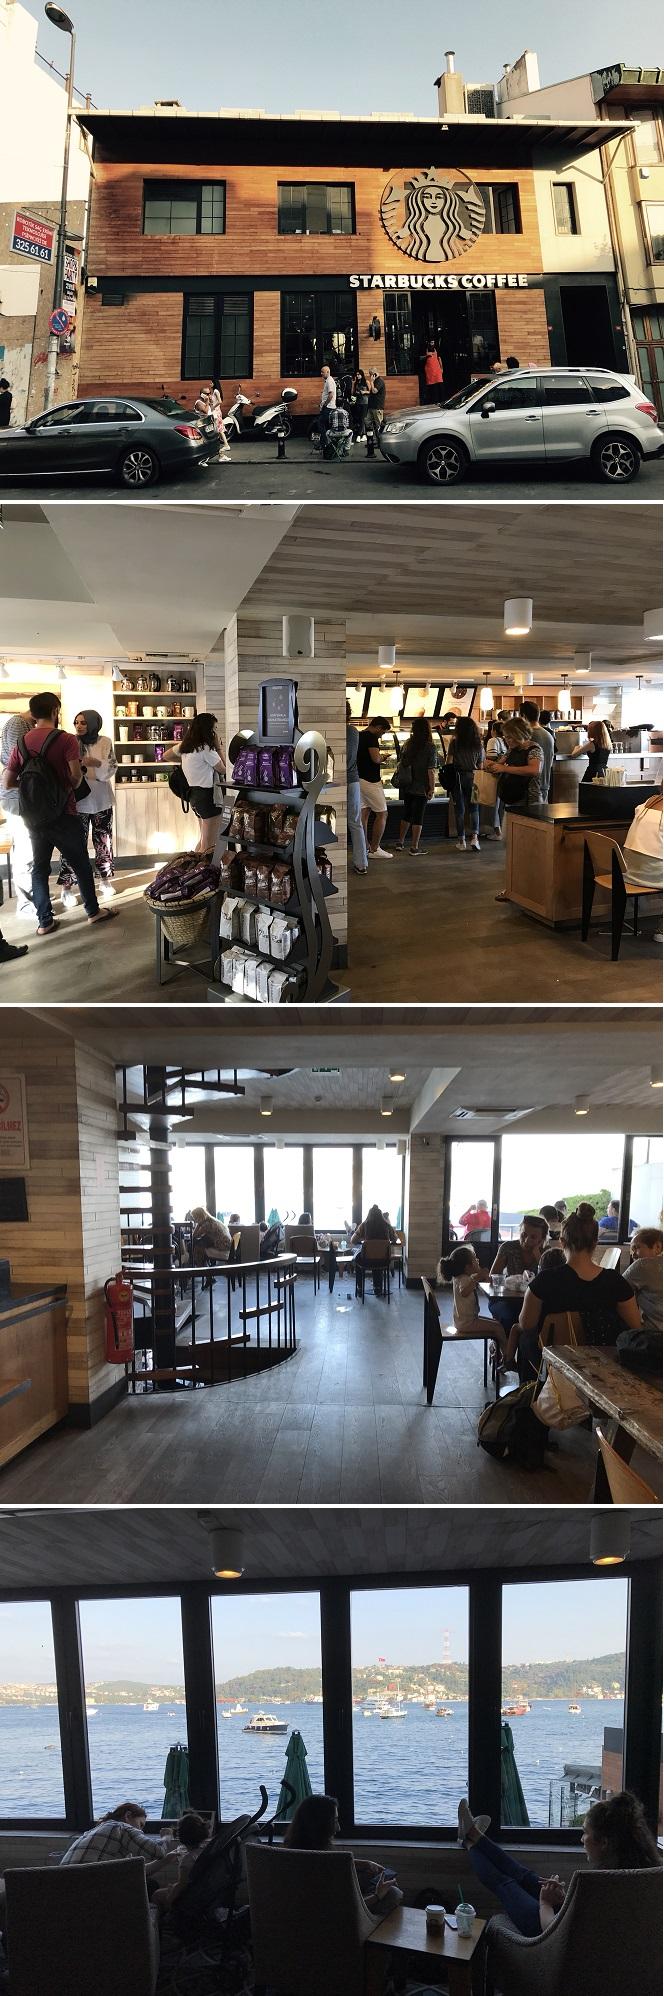 베벡의 스타벅스는 '세상에서 가장 아름다운 스타벅스'라 불린다